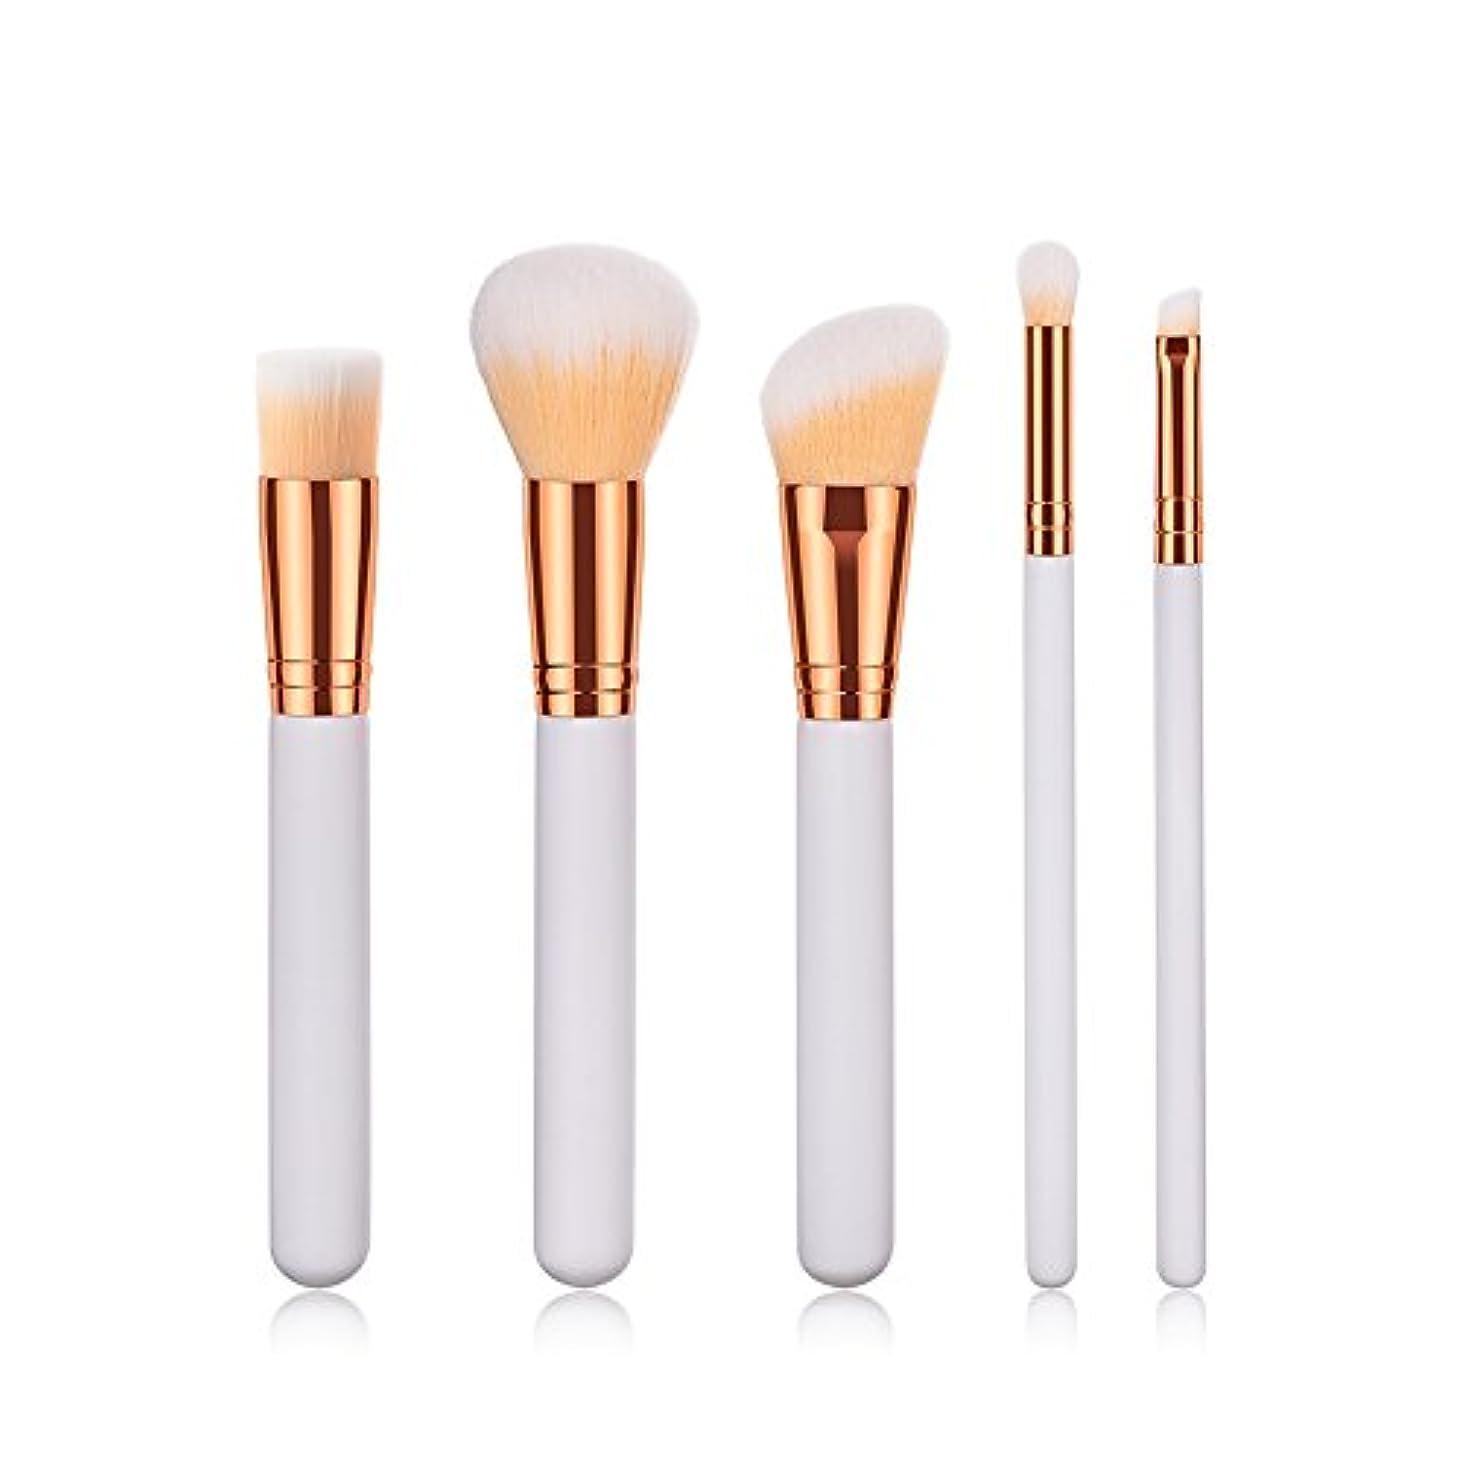 グラディス兵器庫ラブRuikey メイクブラシ 5本セット 化粧筆 多機能化粧 人気 メイク道具(化妆道具) ふわふわ(蓬松)肌に優しい 毛量たっぷり プレゼント